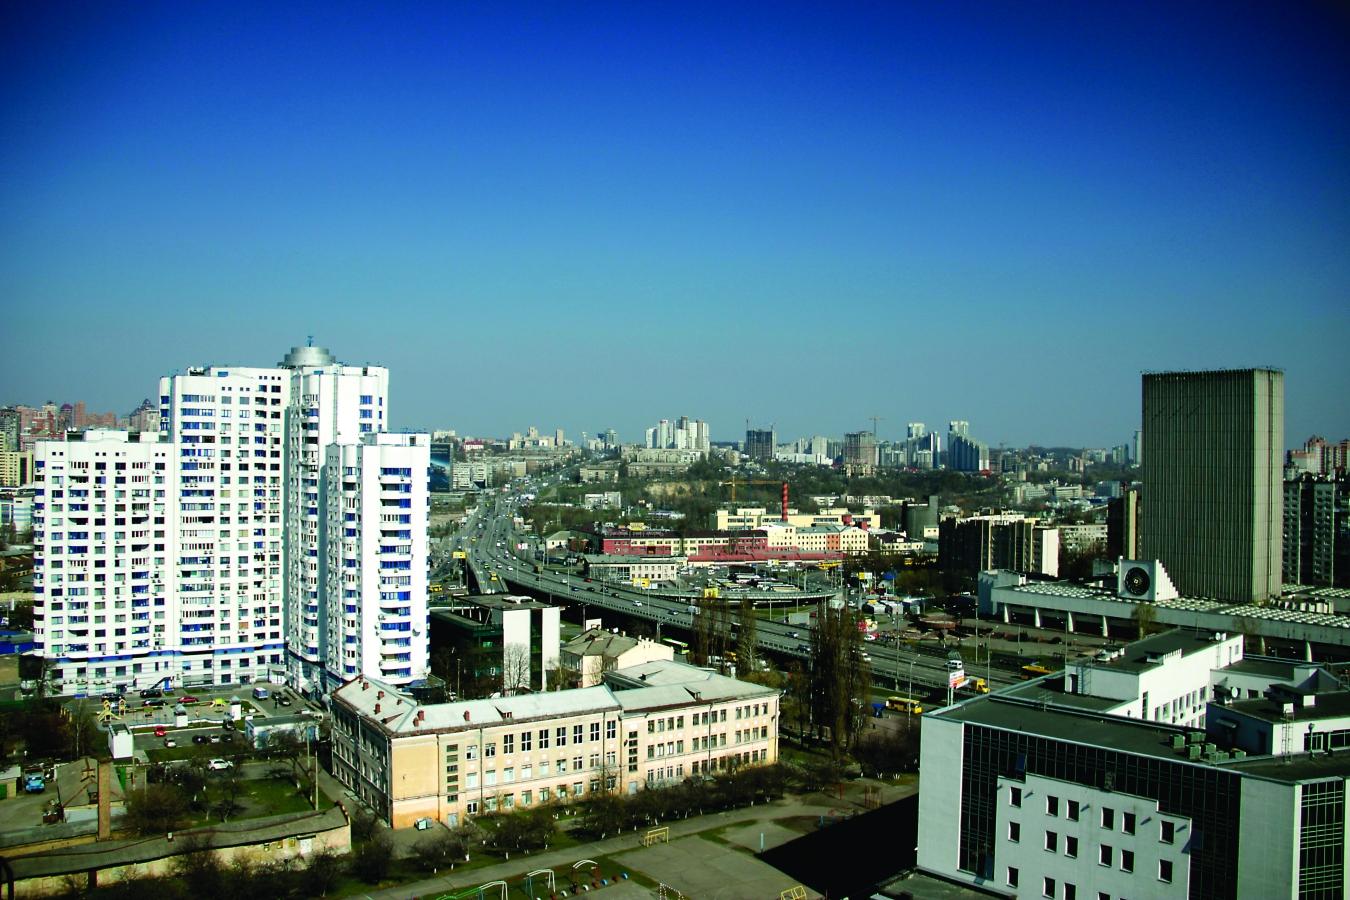 продажа квартир в г краснодаре с фото